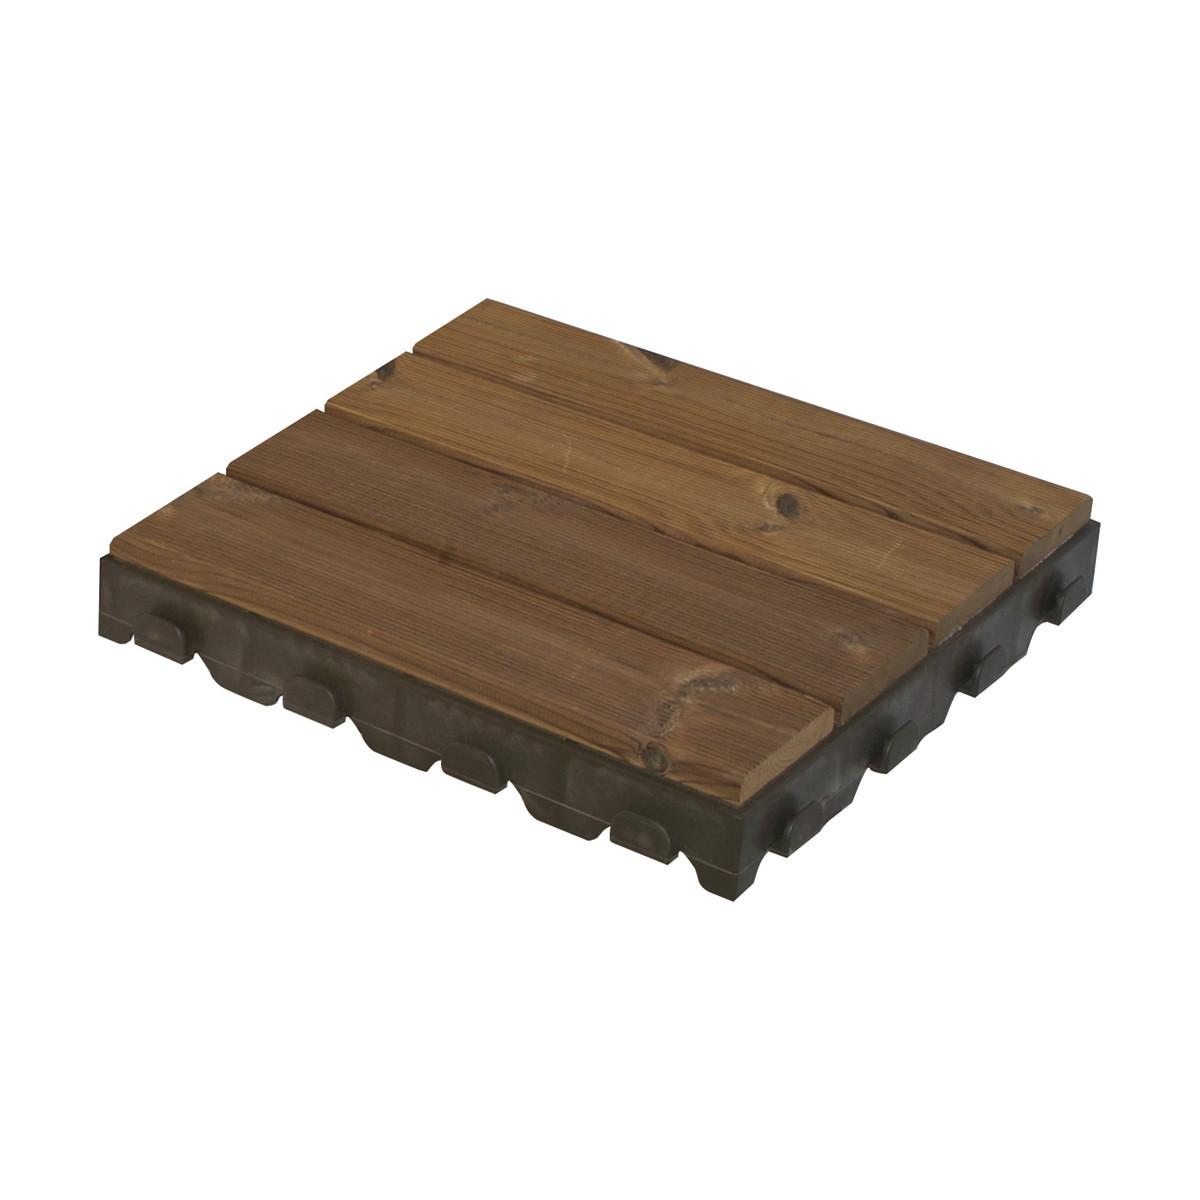 Piastrelle gomma lettere puzzle tappeto tappetino for Numeri adesivi leroy merlin